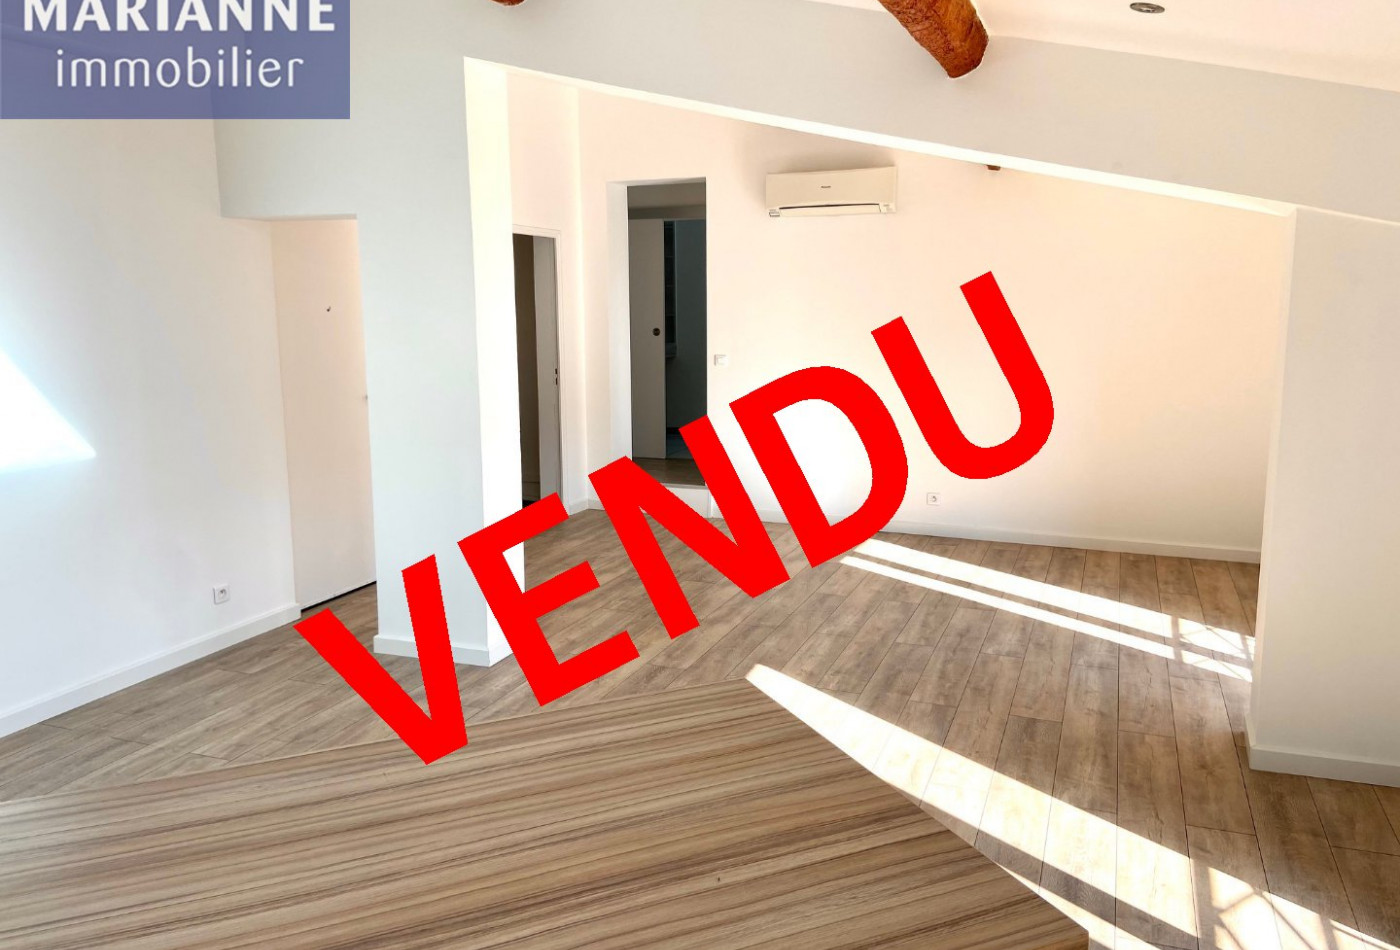 A vendre  Poussan   Réf 344176205 - Marianne immobilier